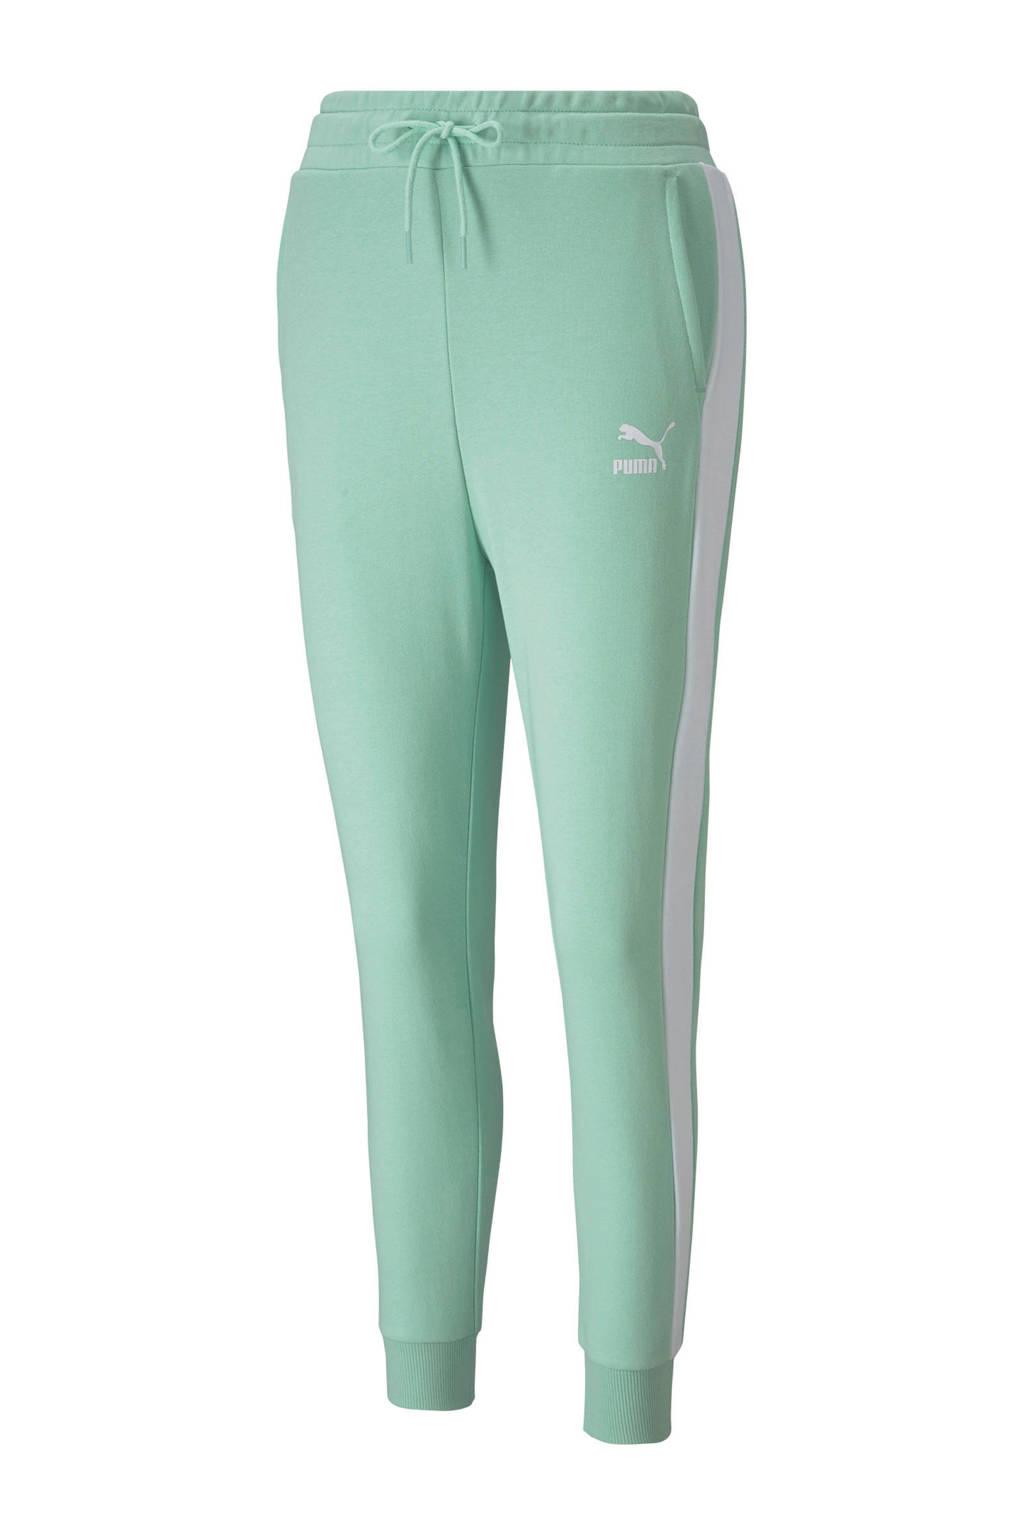 Puma joggingbroek groen, Groen